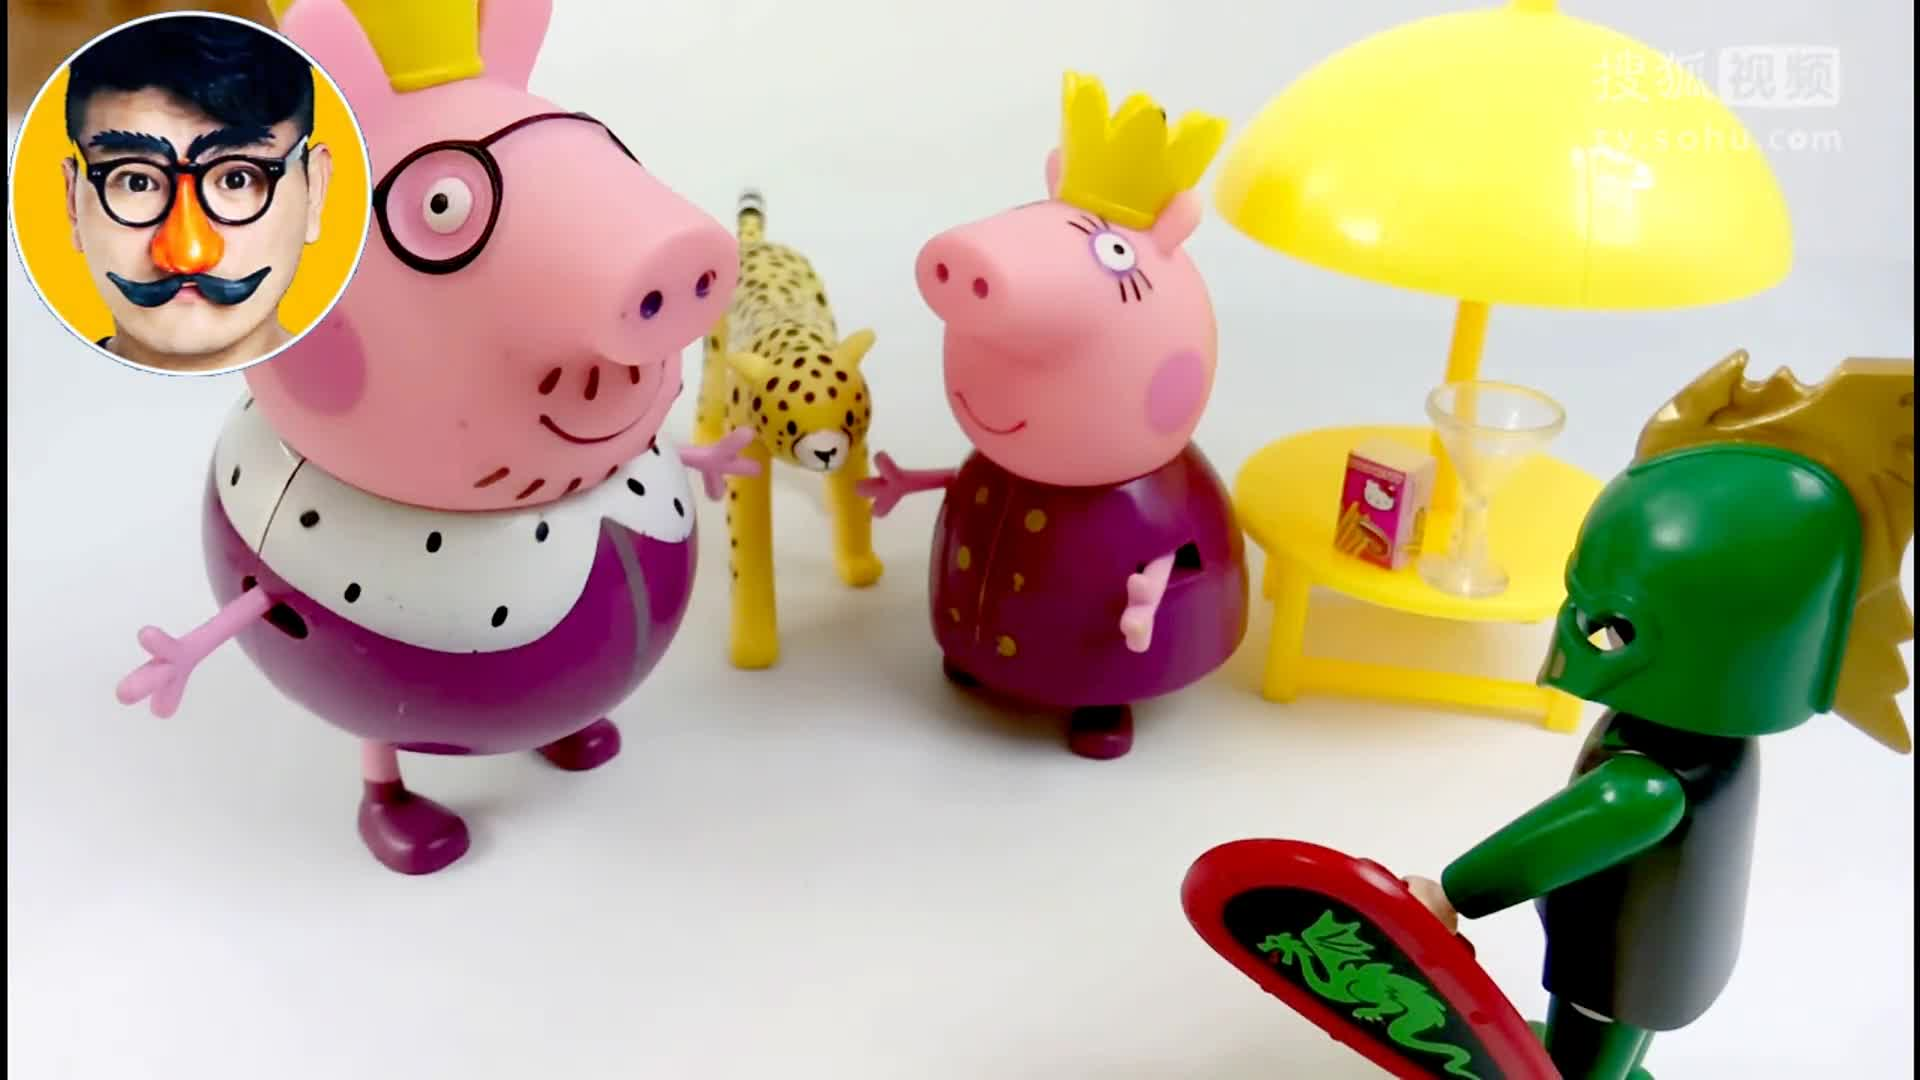 粉红猪小妹小猪佩奇 乐高积木